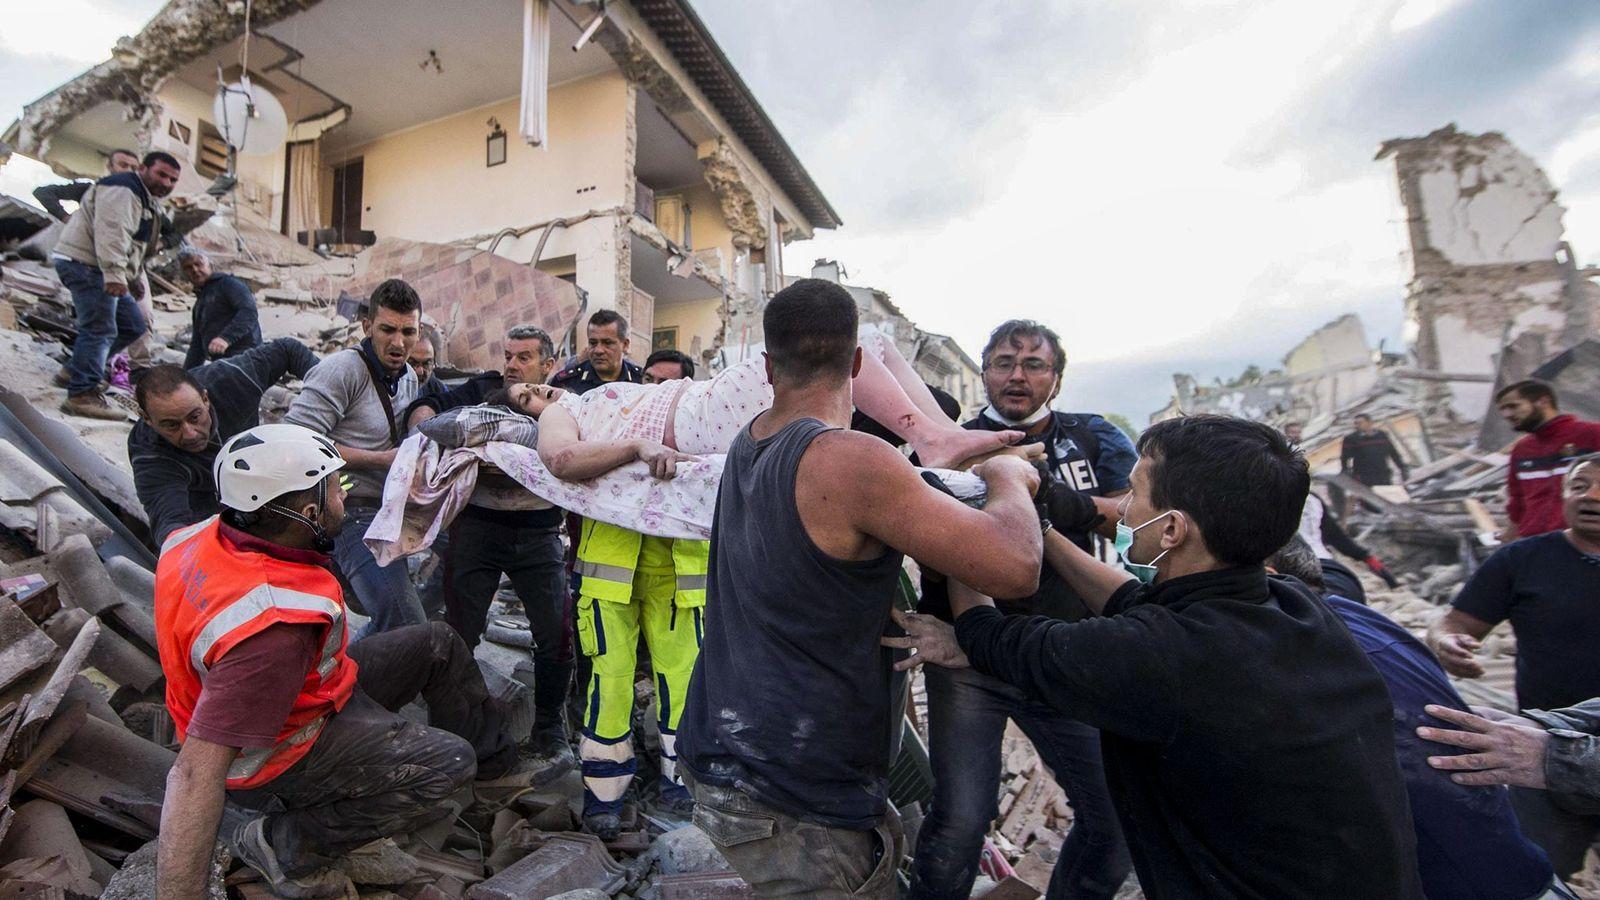 Des secouristes extirpent une femme blessée des ruines d'un immeuble à Amatrice, dans le centre de ...